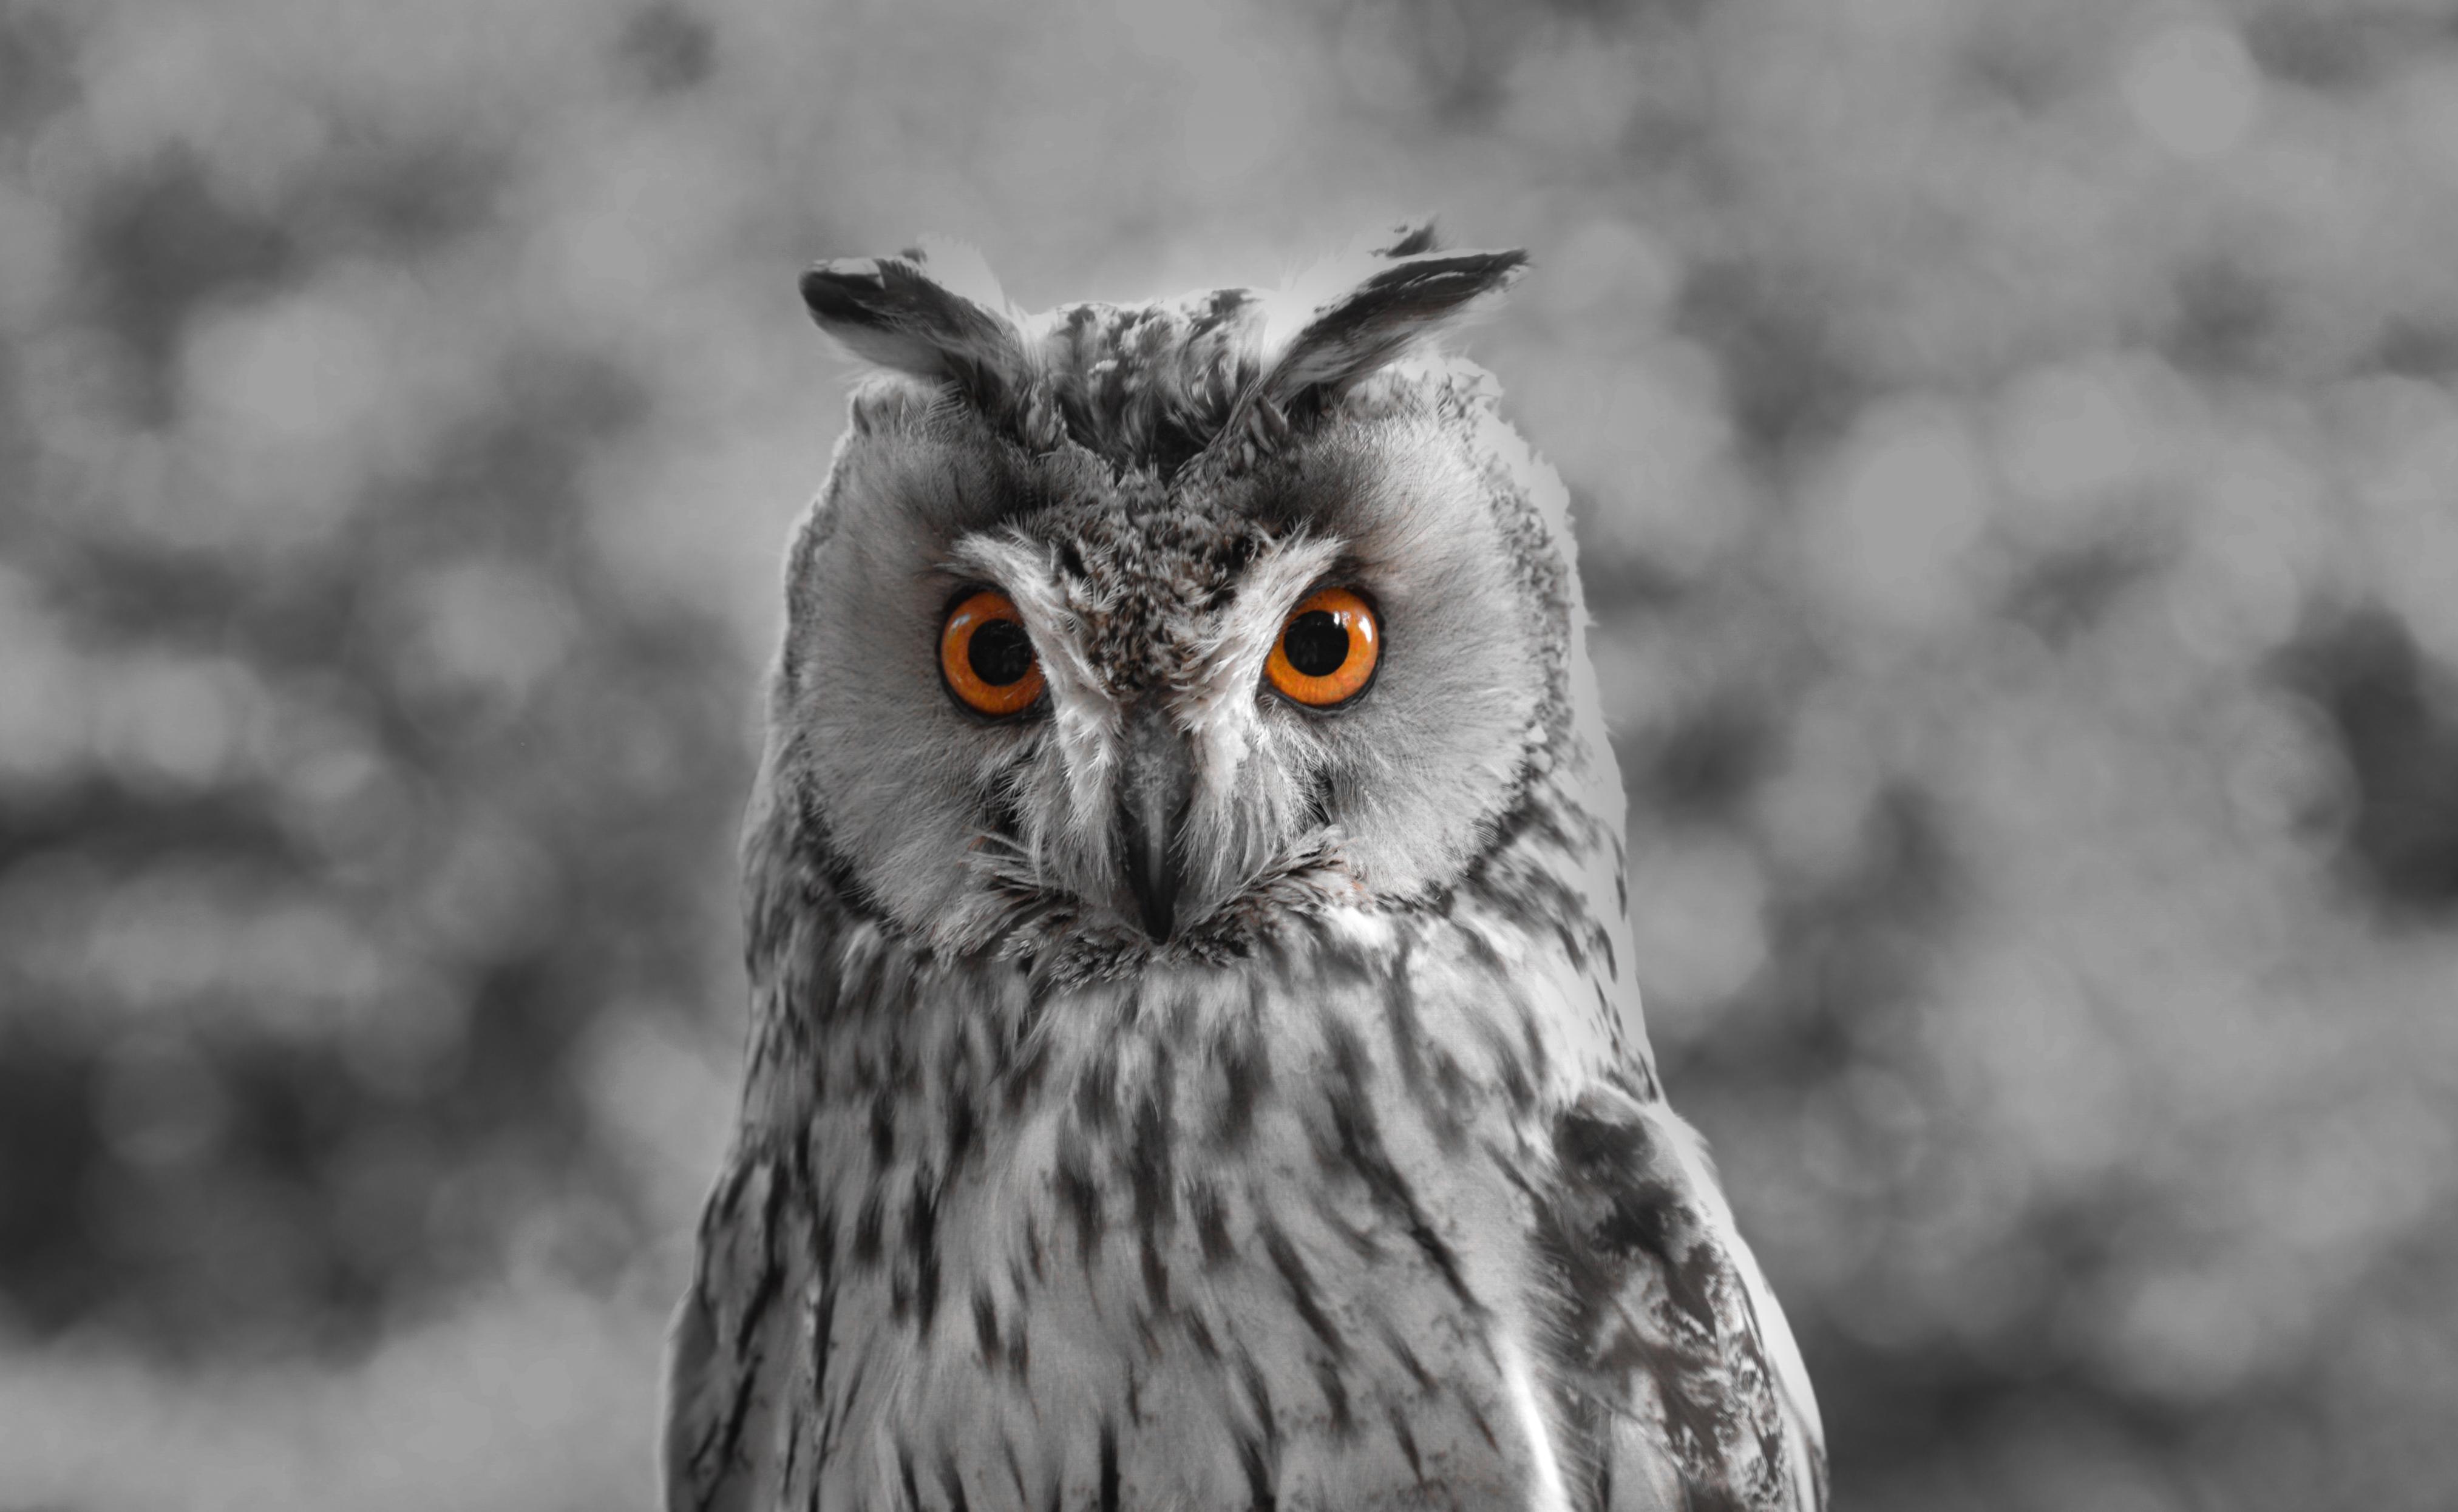 137593 Hintergrundbild herunterladen Eule, Tiere, Vogel, Schnabel, Raubtier, Predator, Bw, Chb - Bildschirmschoner und Bilder kostenlos